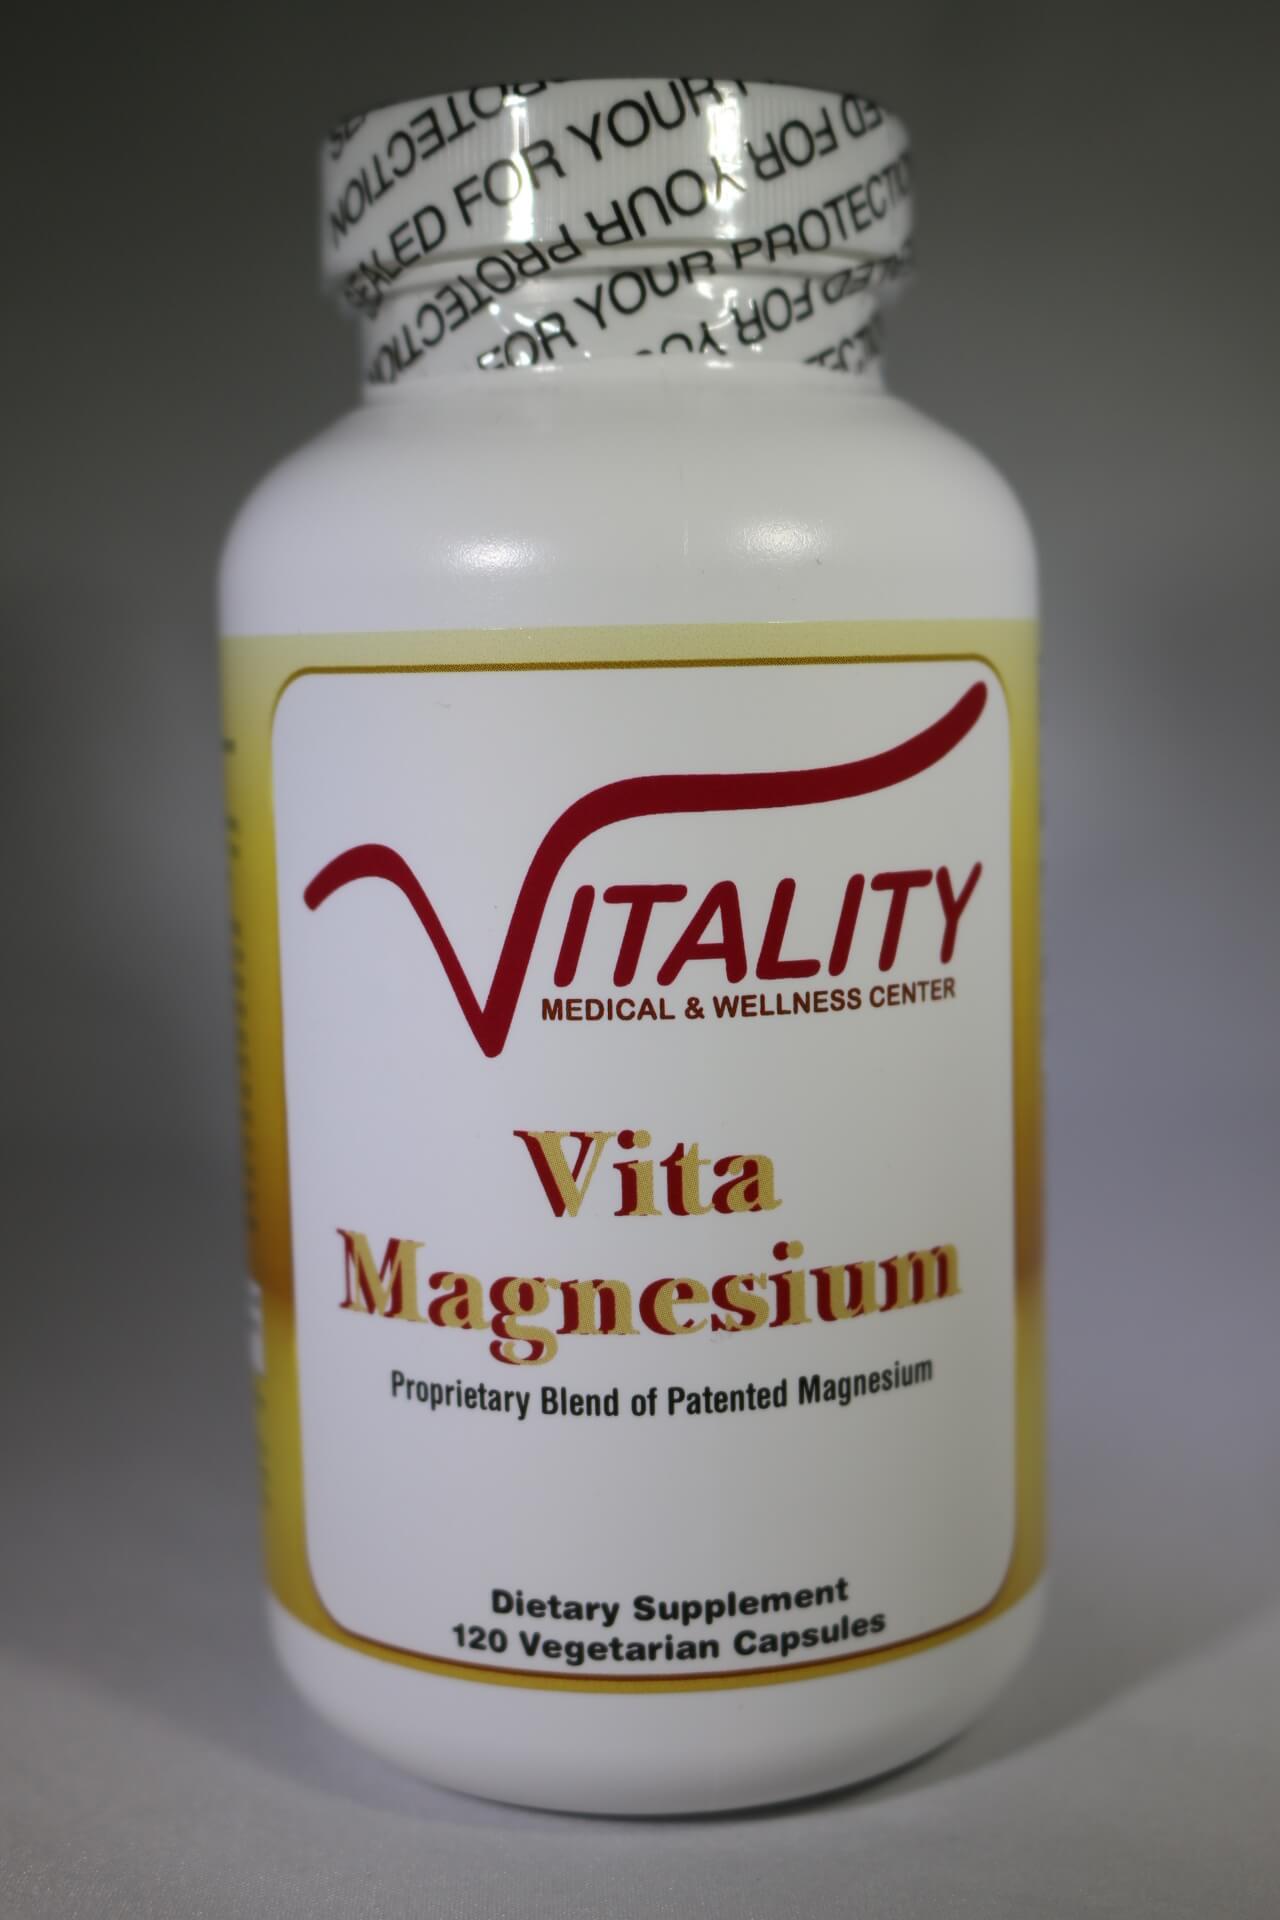 Vitality Vita Magnesium